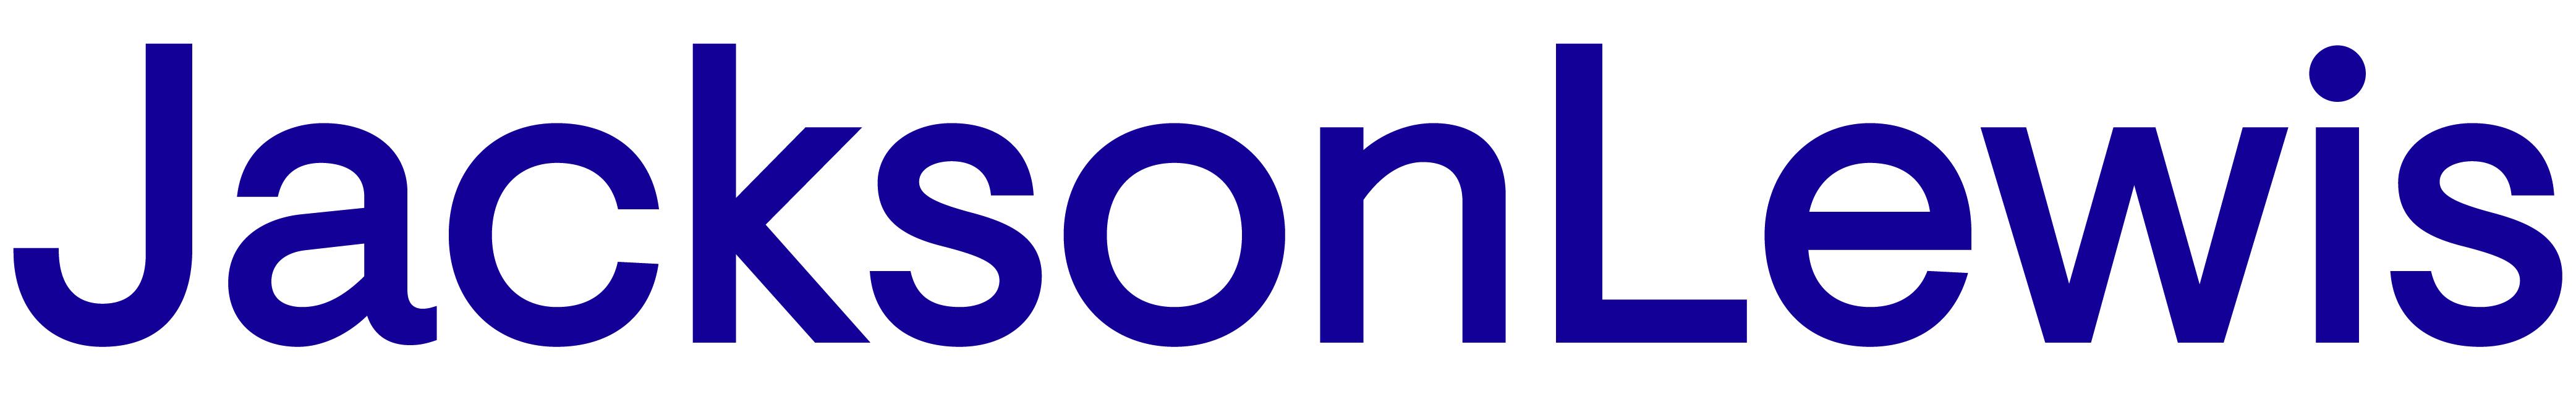 Jackson Lewis Logo 2020